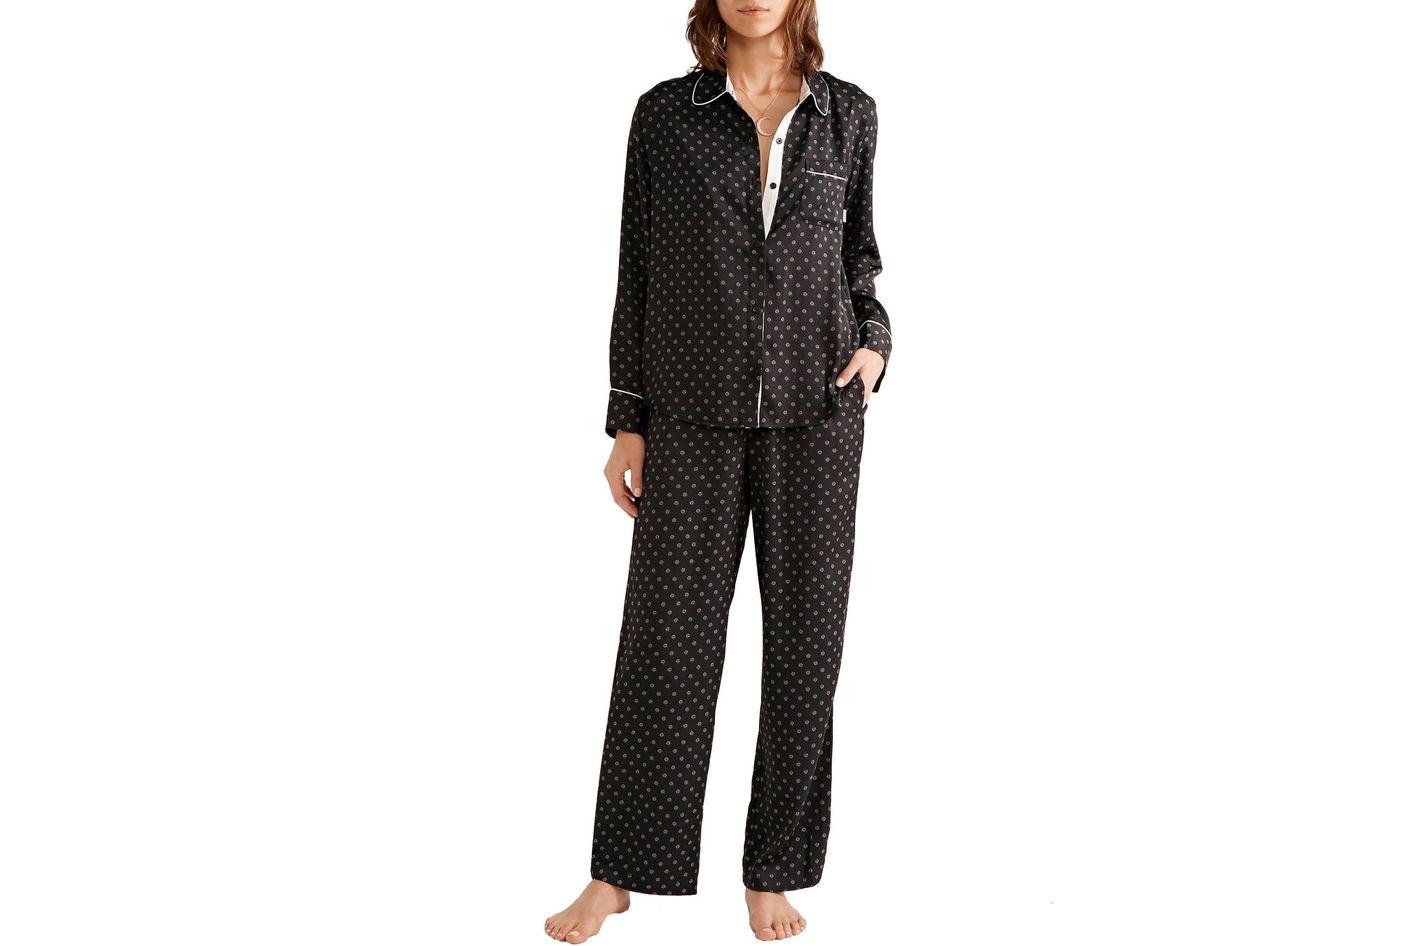 DKNY Printed Pajama Set